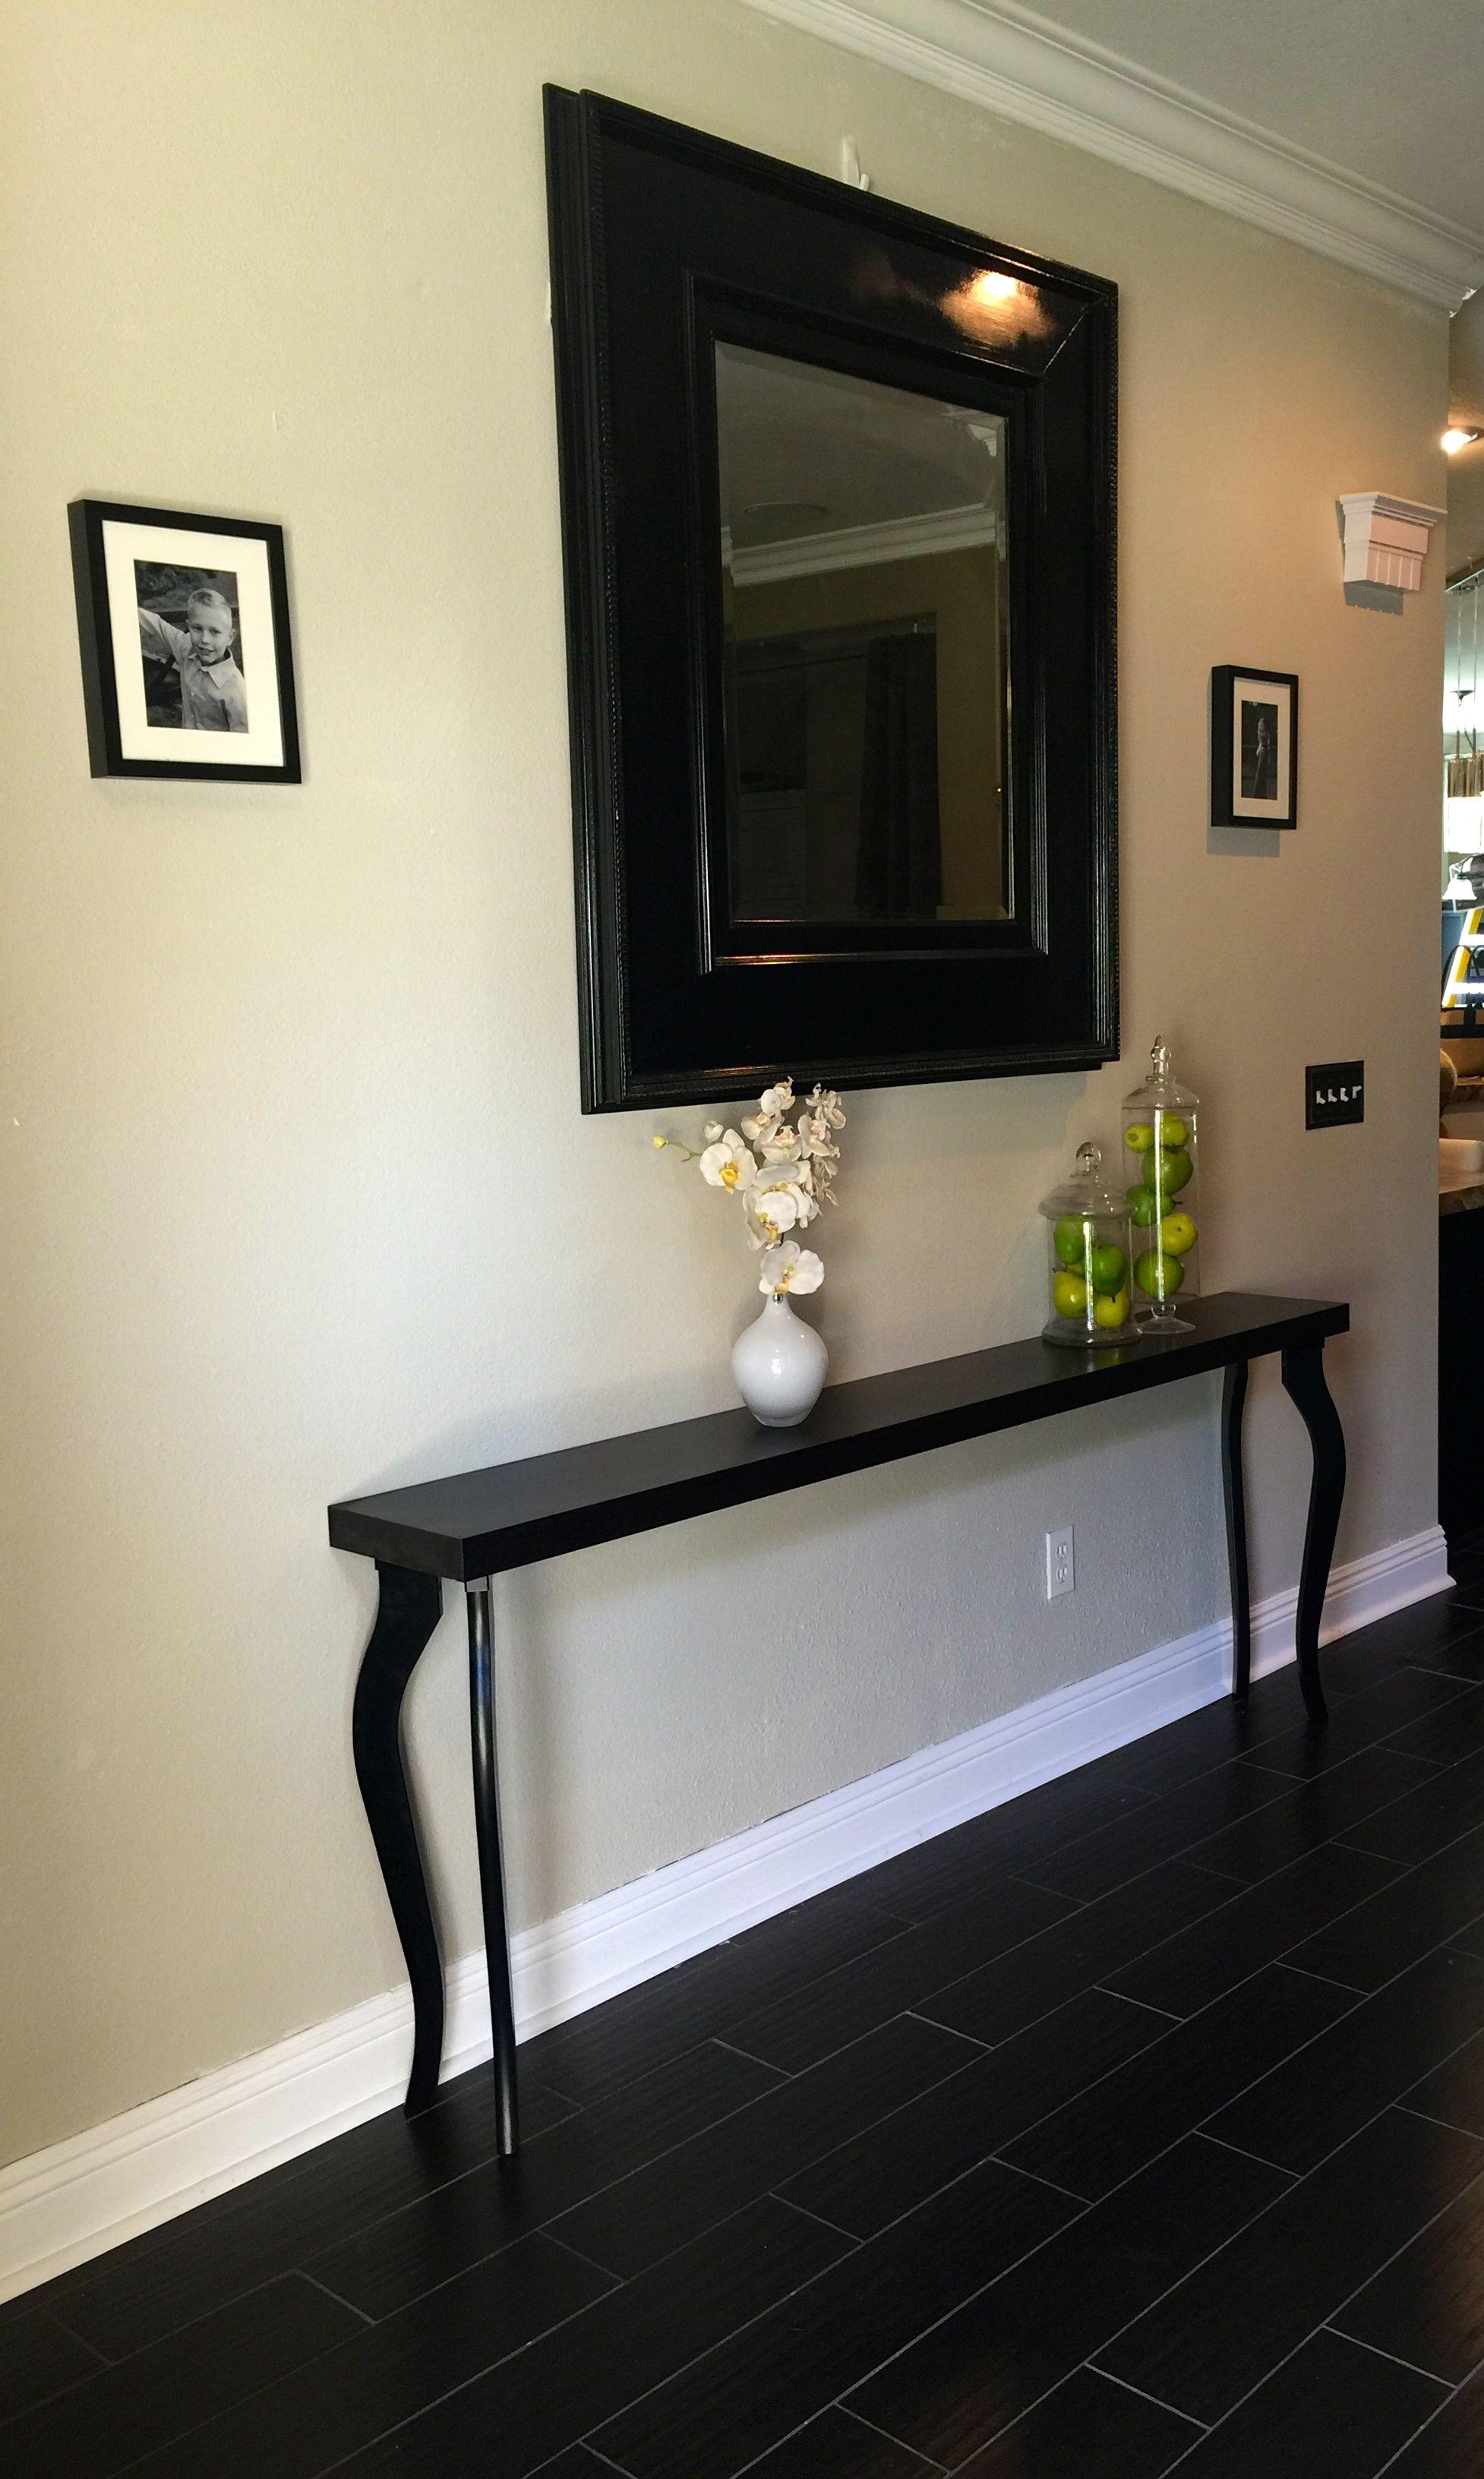 bildergebnis f r ikea lack shelf with lalle table legs ikea m bel m bel wohnzimmer und ikea. Black Bedroom Furniture Sets. Home Design Ideas